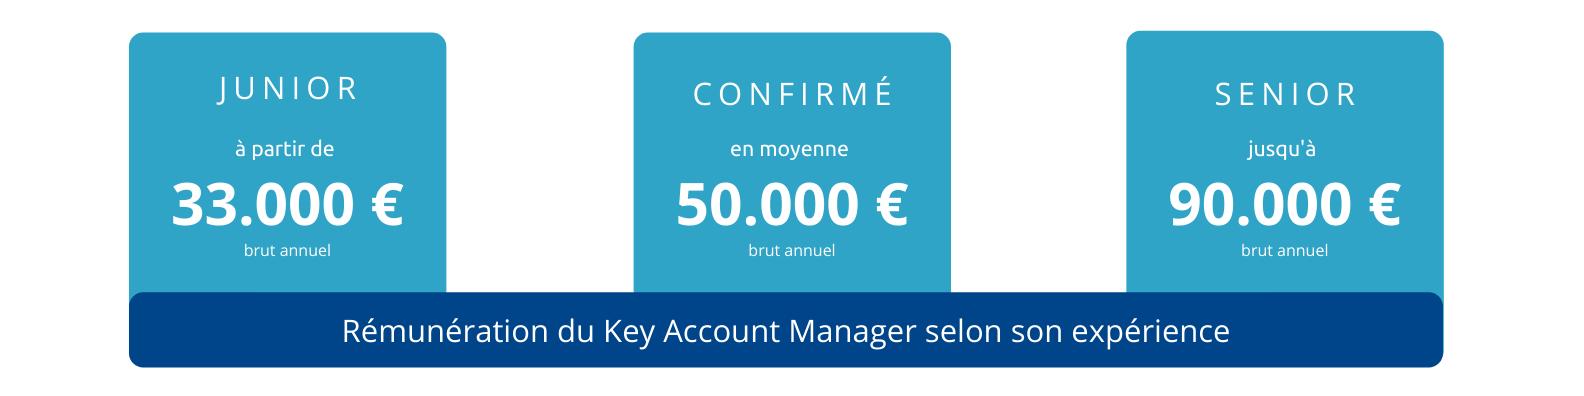 euridis-ecole-de-commerce-vente-marketing-page-metier-key-account-manager-salaire-metiers-du-web